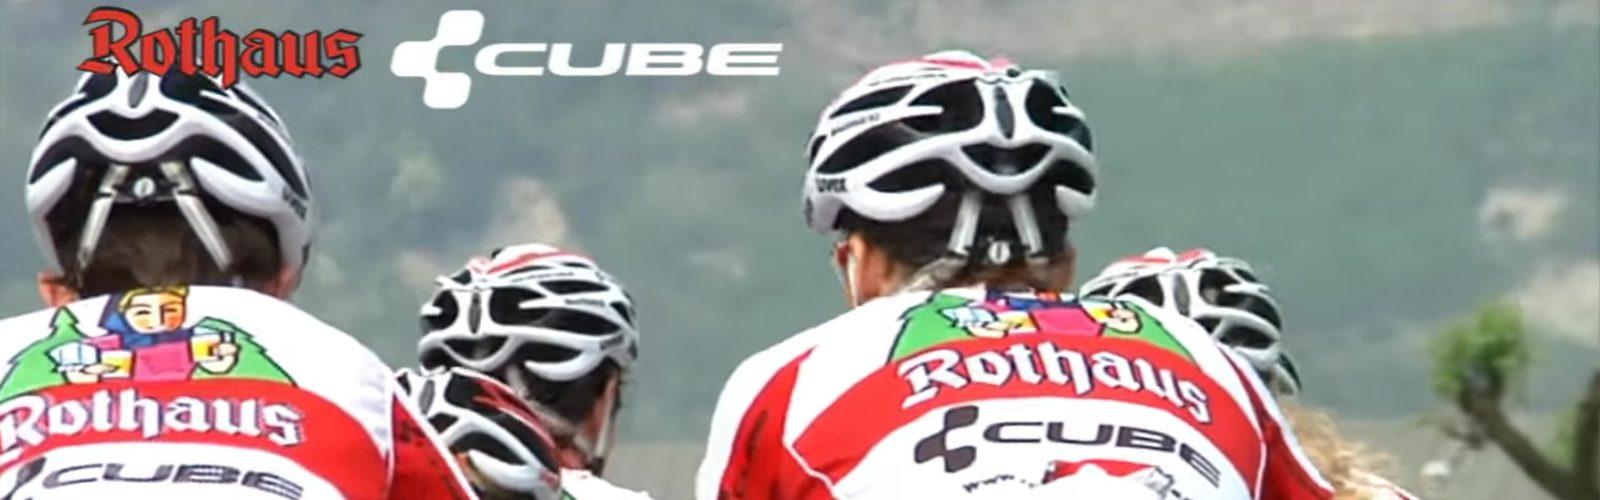 Rothaus Cube Bikes